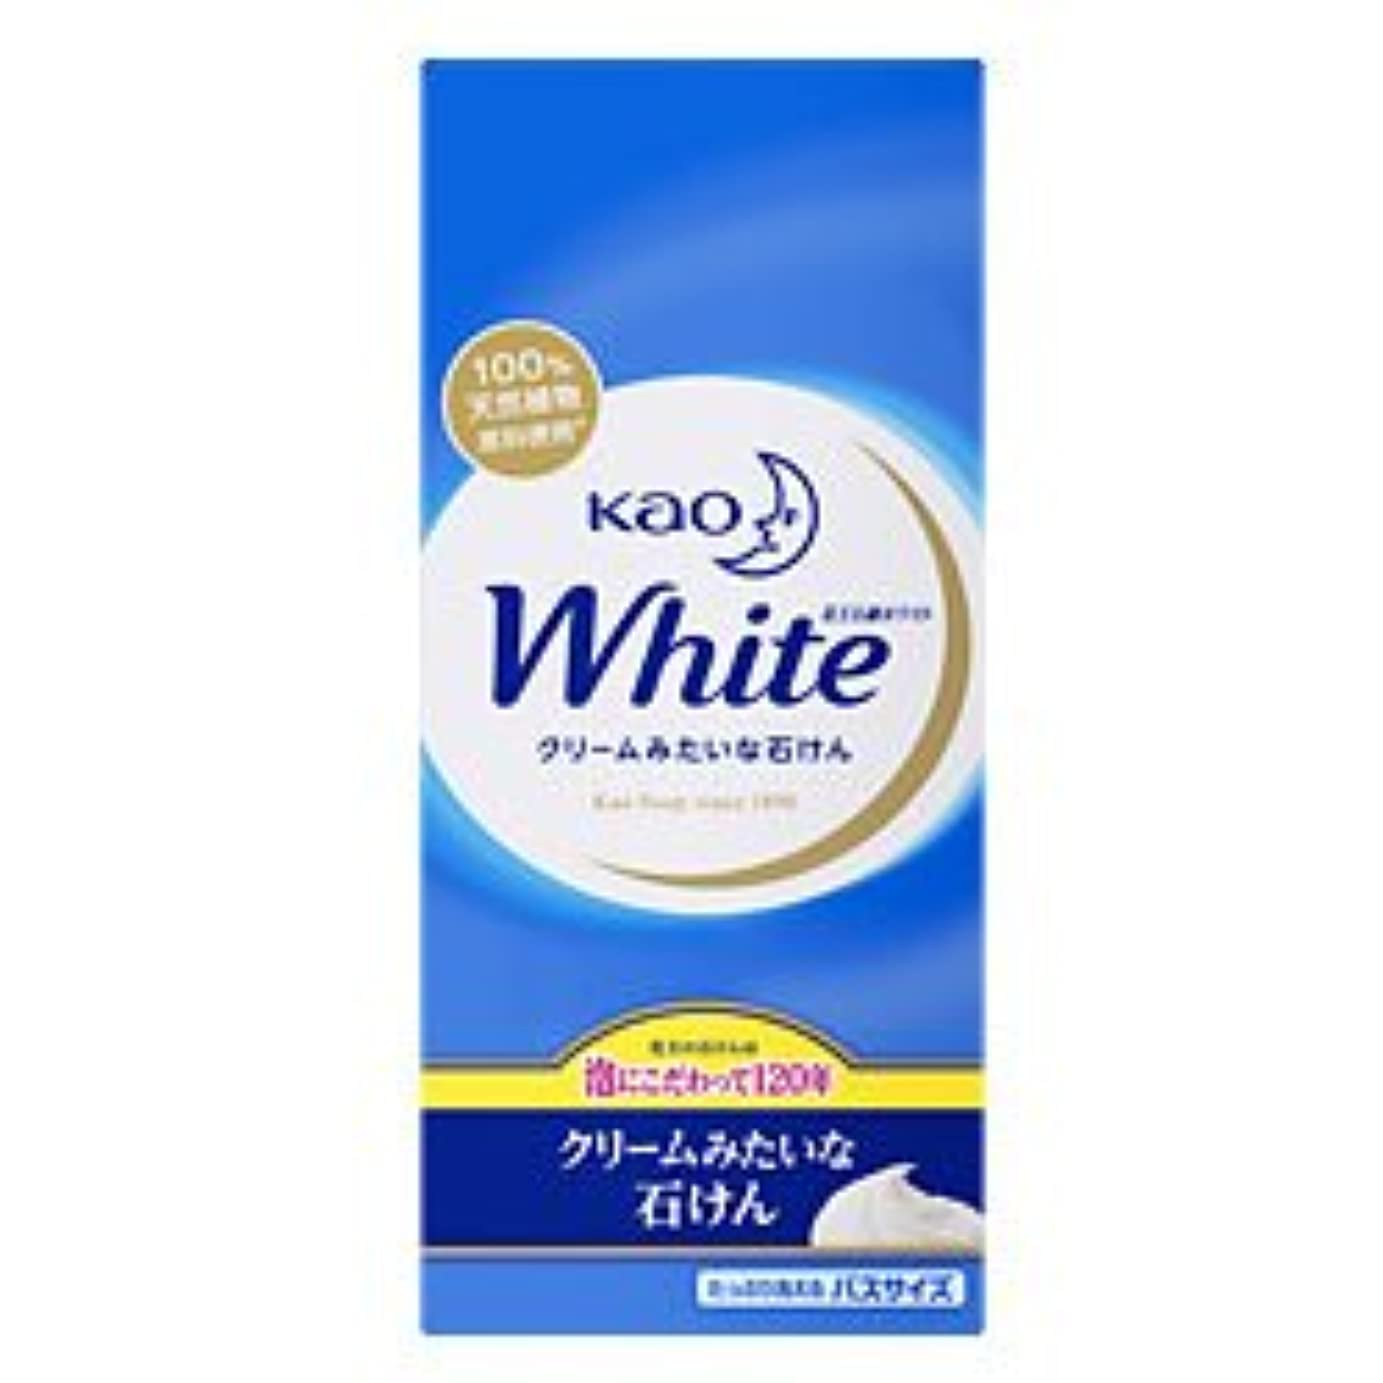 麦芽スカリーグラム【花王】花王ホワイト バスサイズ 130g×6個 ×20個セット